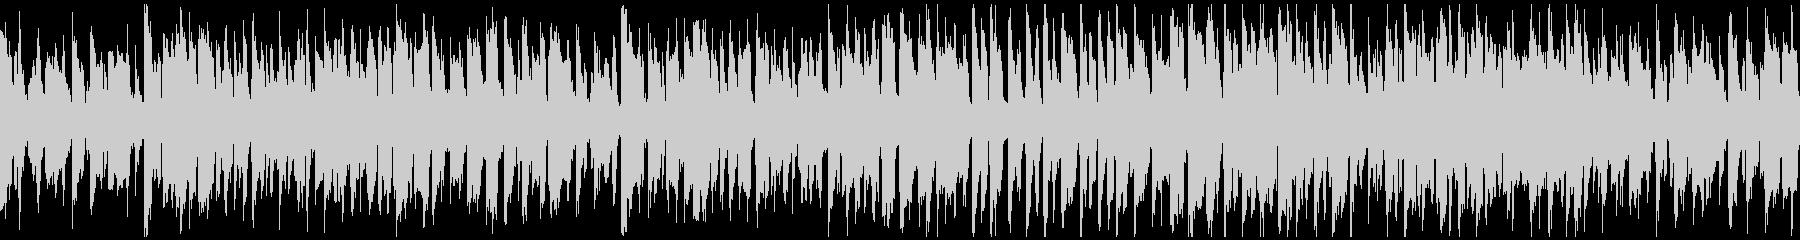 ずっこけるお笑い系リコーダー ※ループ版の未再生の波形